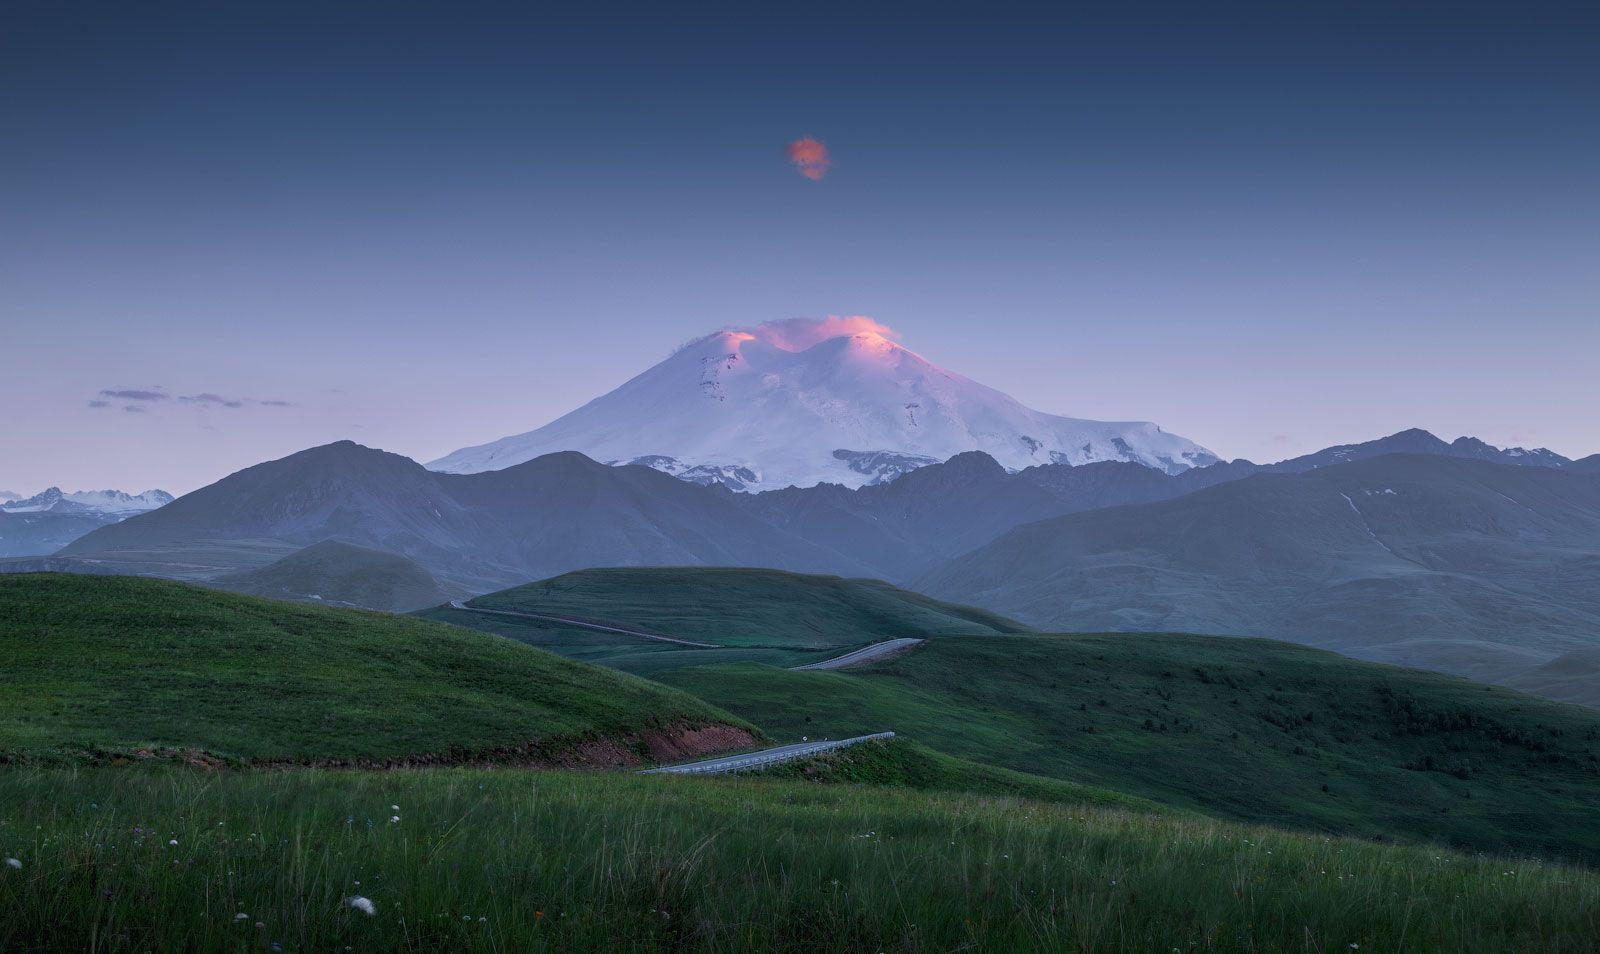 Эльбрус Эльбрус горы кавказ приэльбрусье облако джилы су